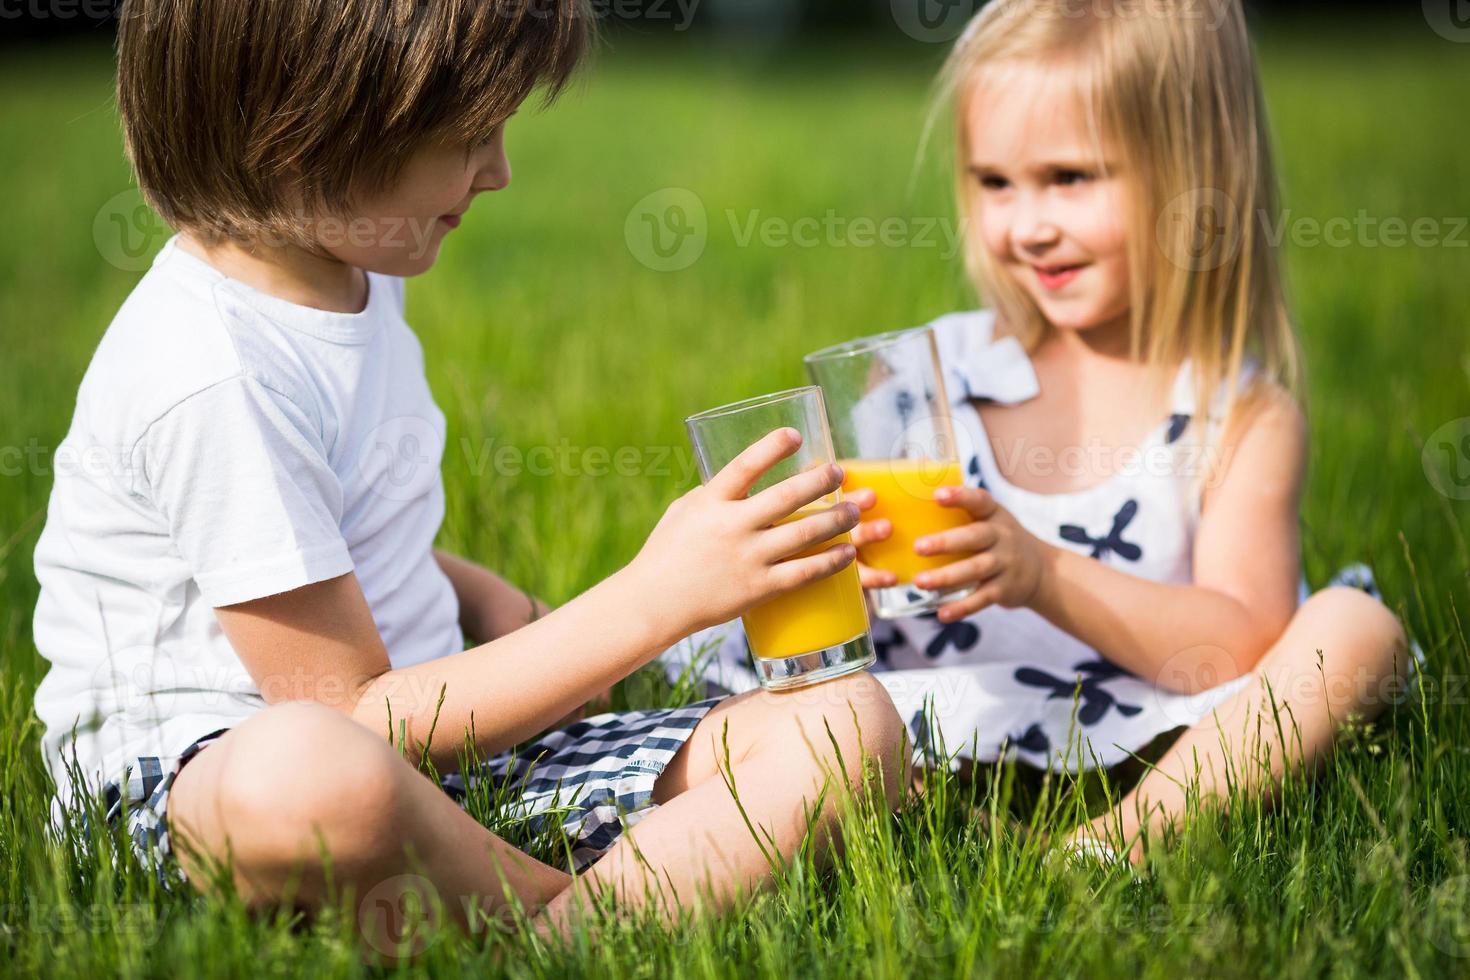 frère et soeur boivent du jus photo